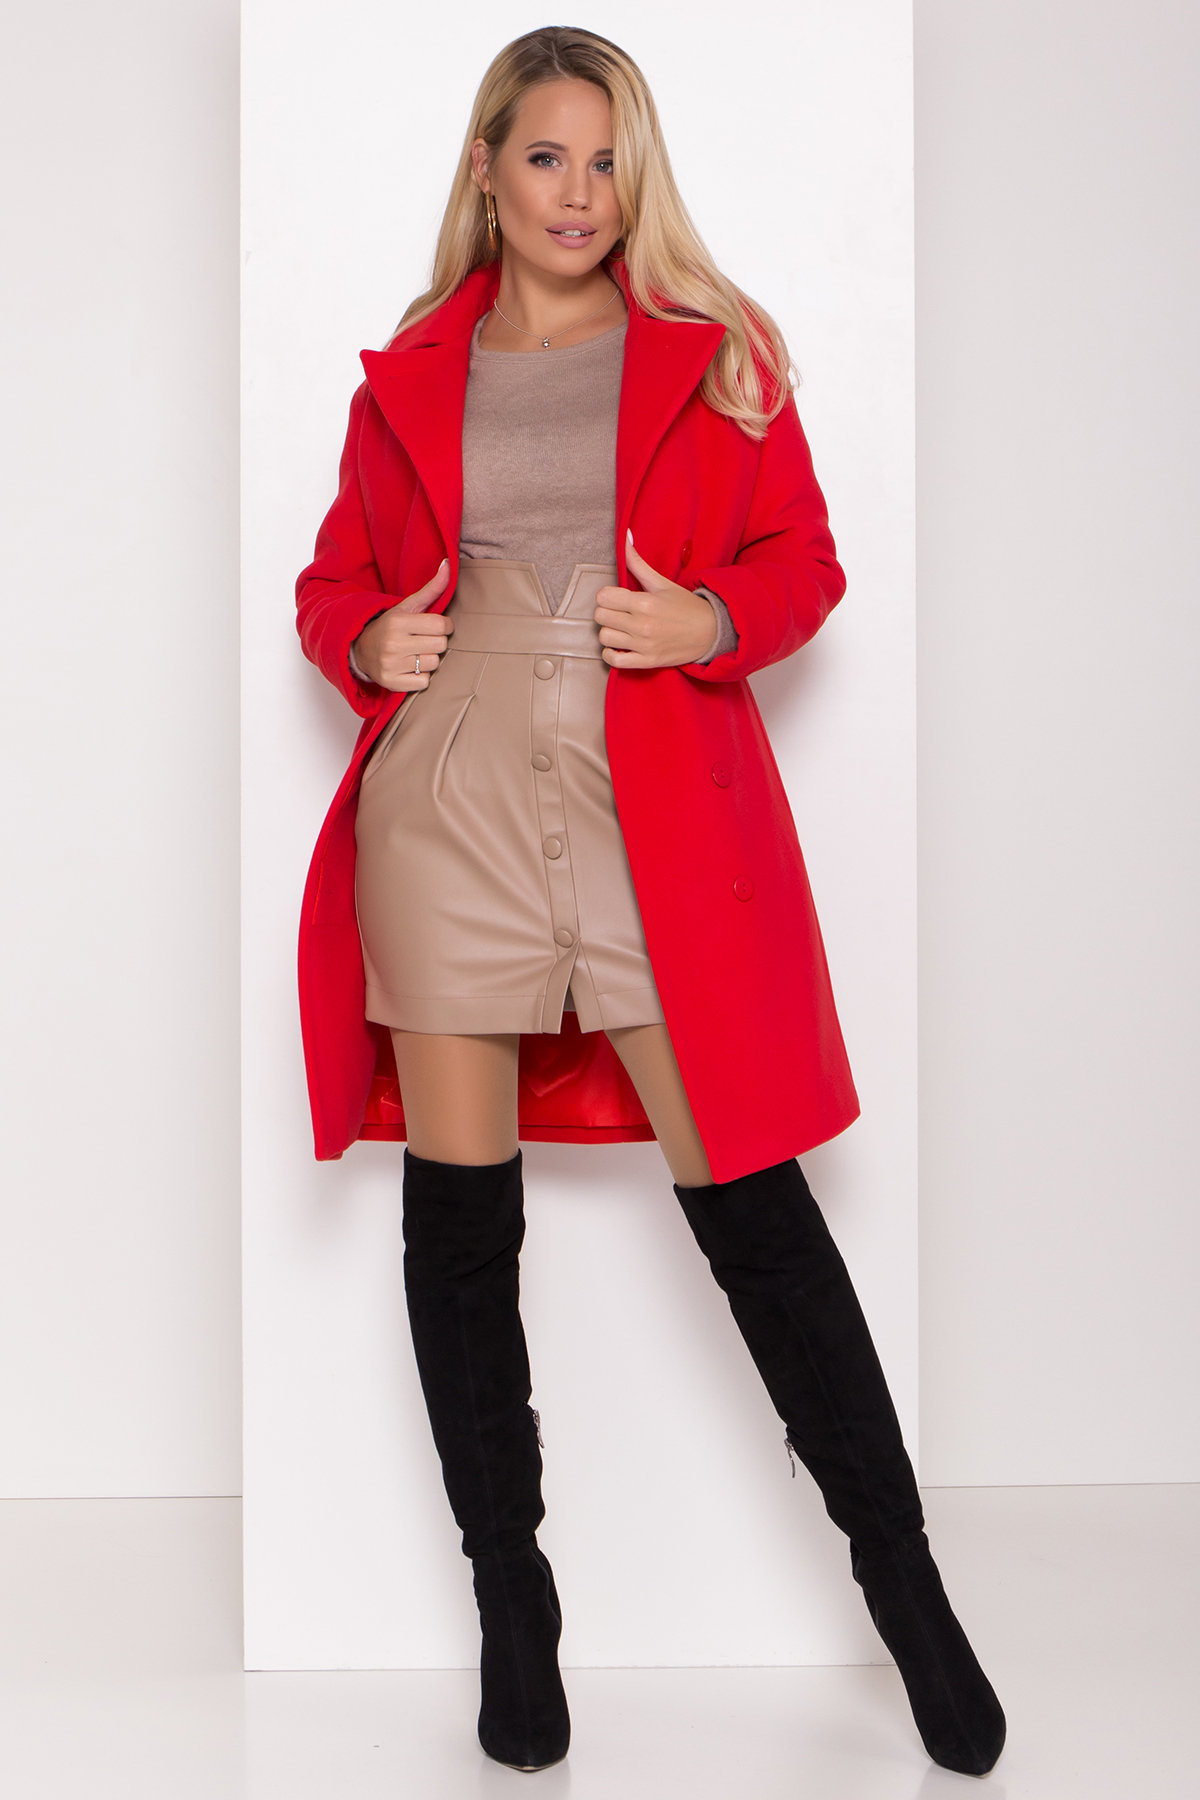 Зимнее пальто в классическом стиле Лизи 8179 АРТ. 44195 Цвет: Красный - фото 2, интернет магазин tm-modus.ru